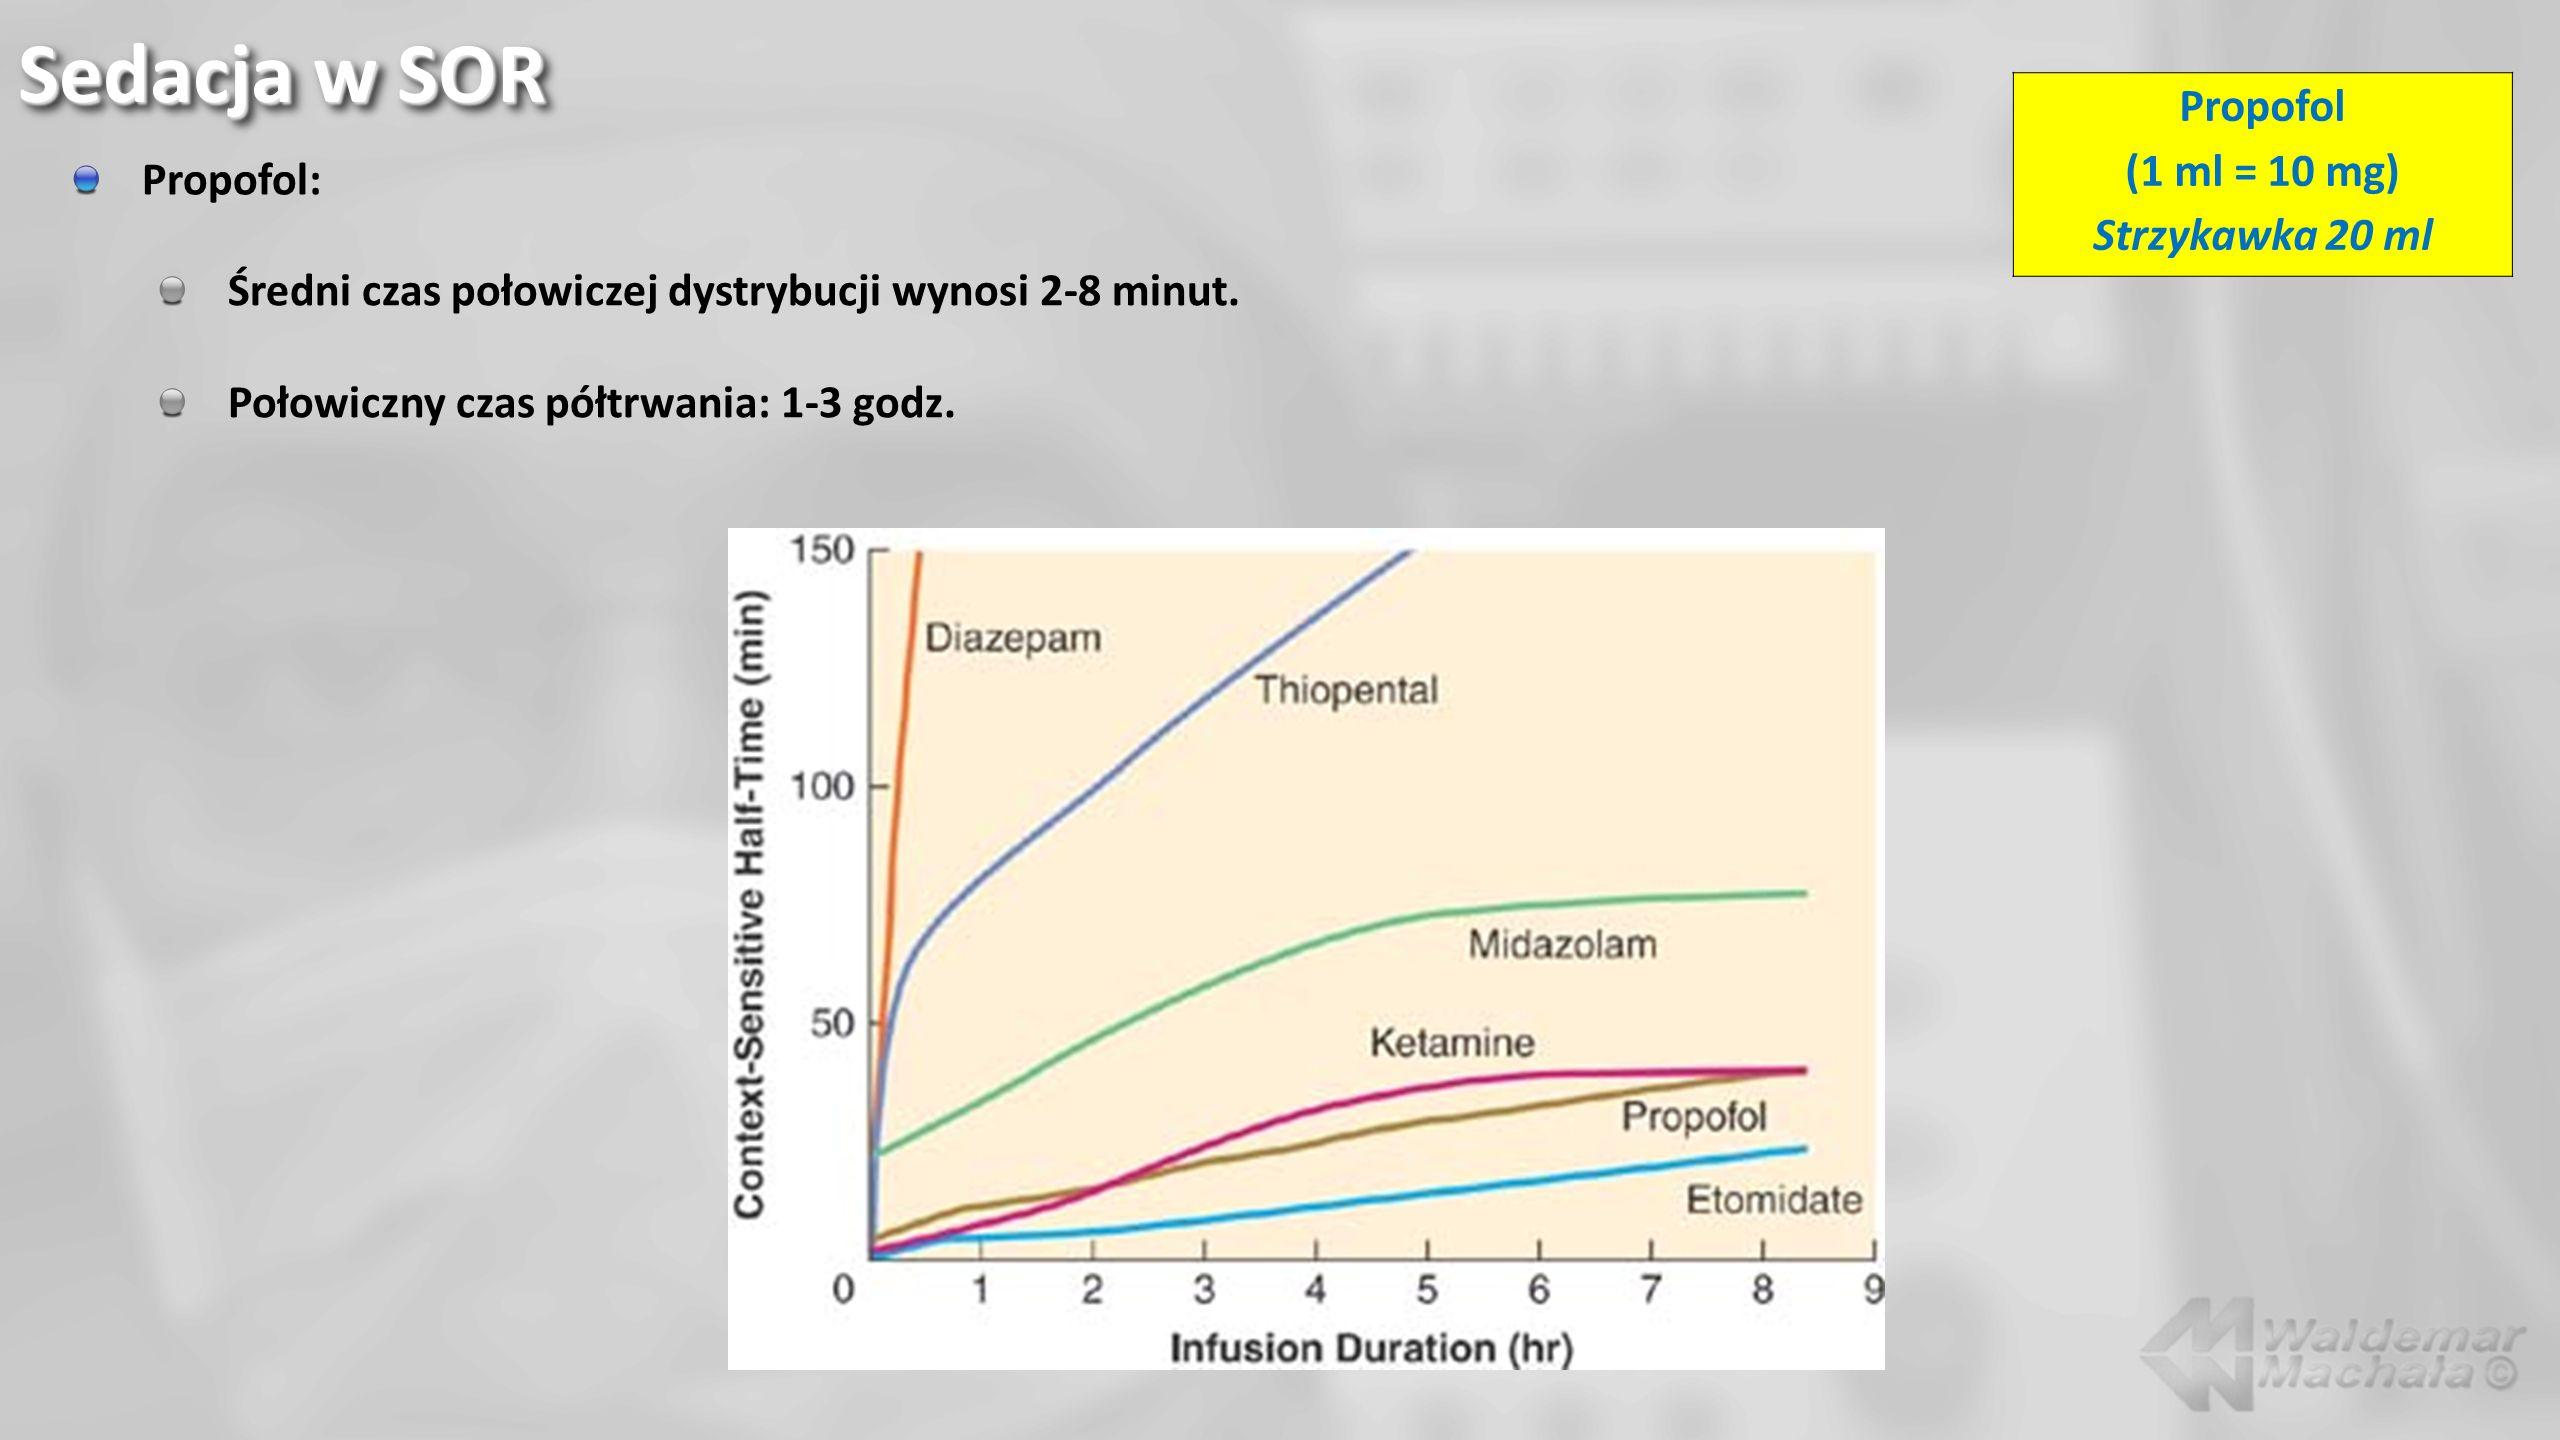 Propofol: Średni czas połowiczej dystrybucji wynosi 2-8 minut. Połowiczny czas półtrwania: 1-3 godz. Sedacja w SOR Propofol (1 ml = 10 mg) Strzykawka